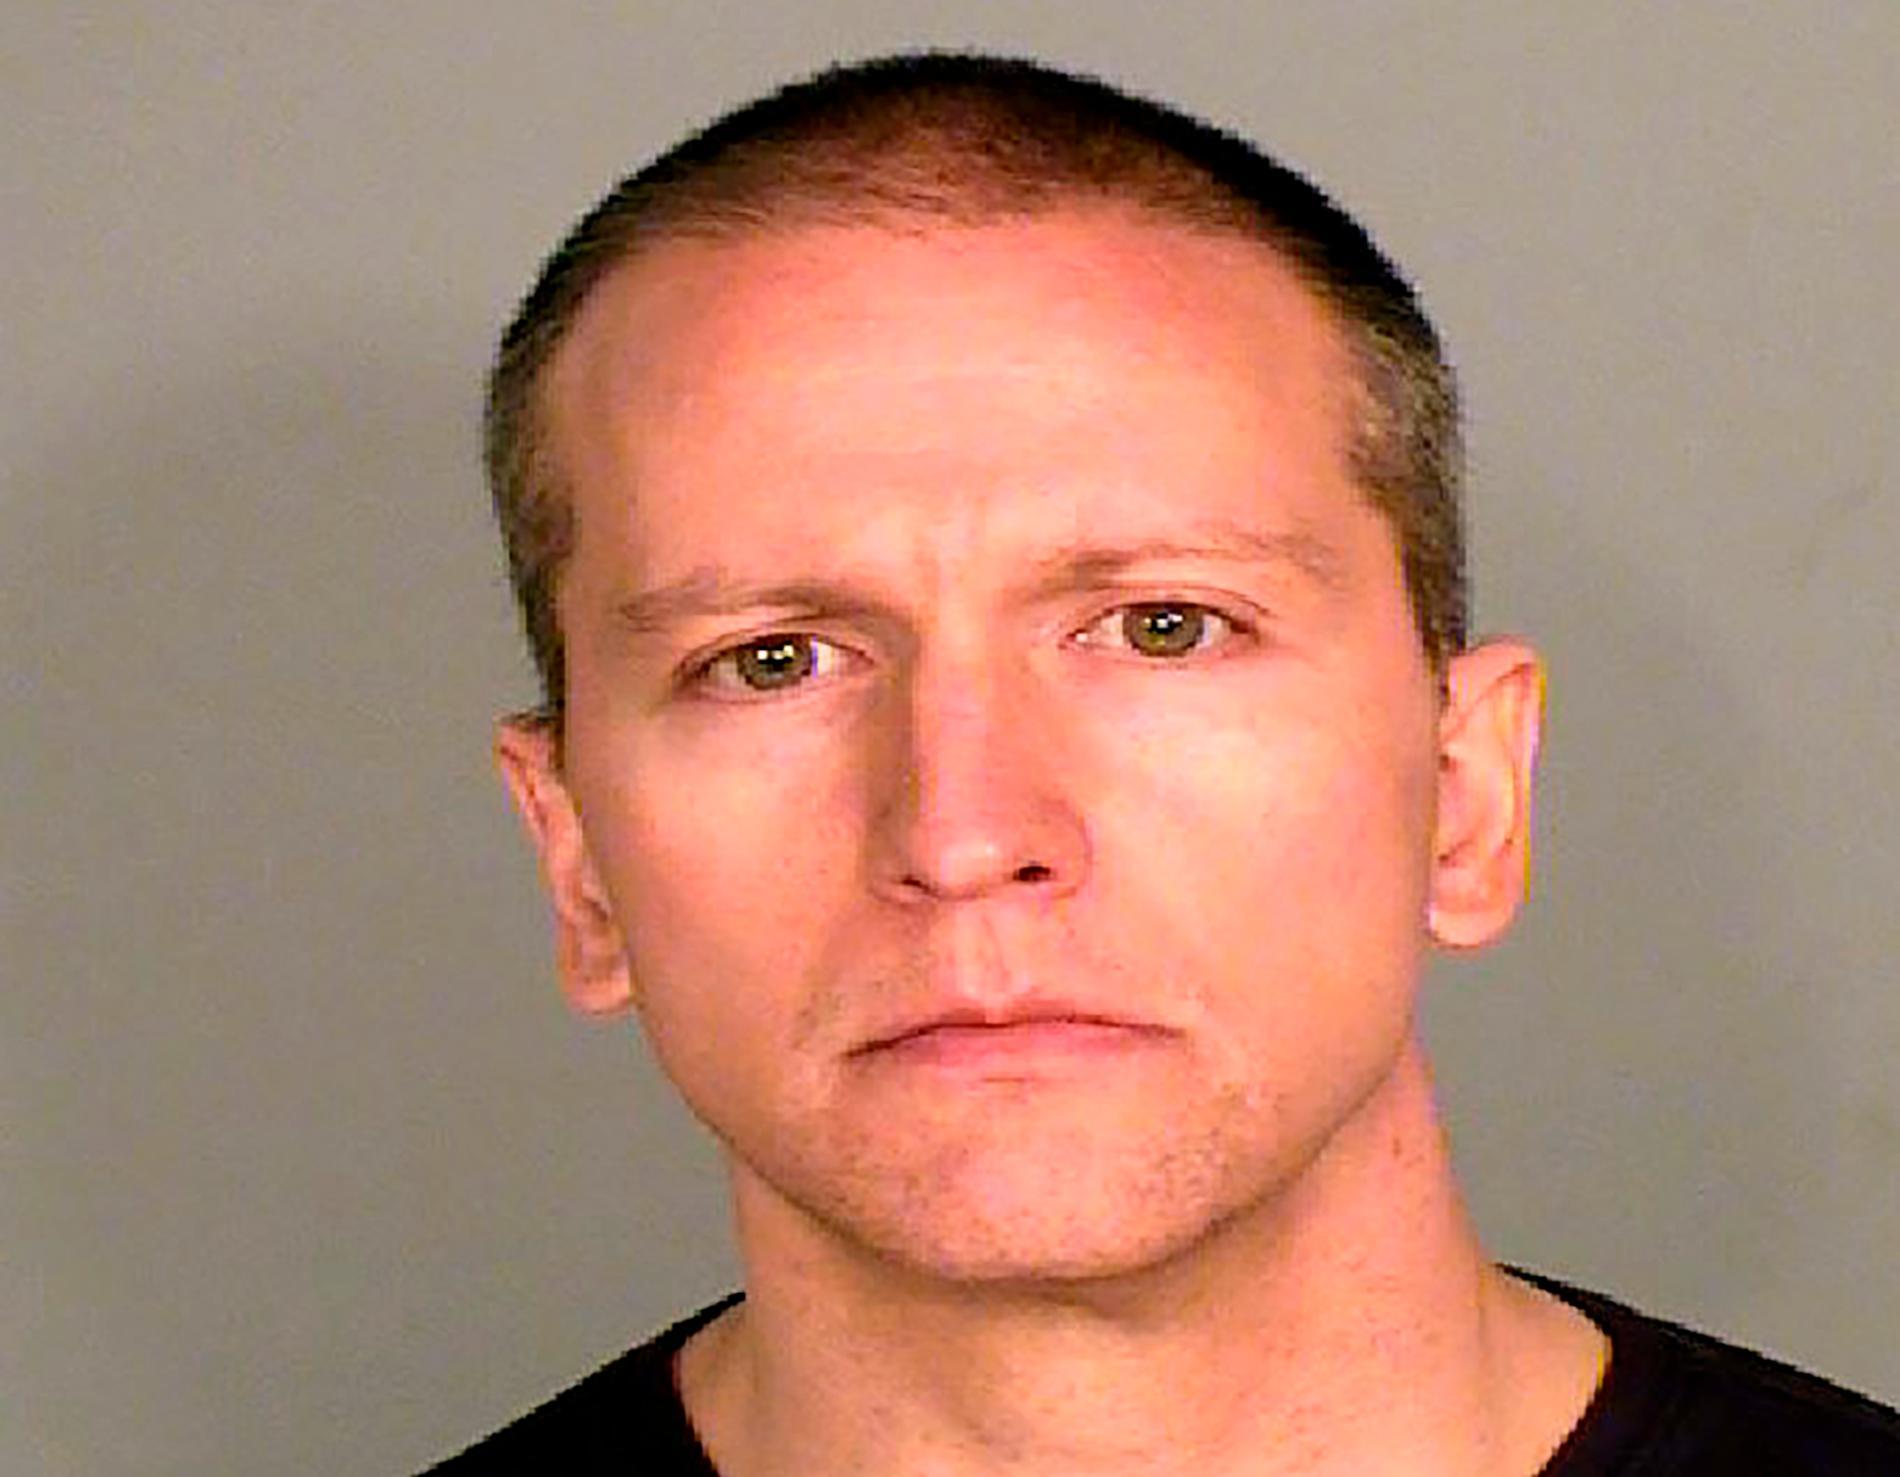 Derek Chauvin greps fredagen den 29 maj.